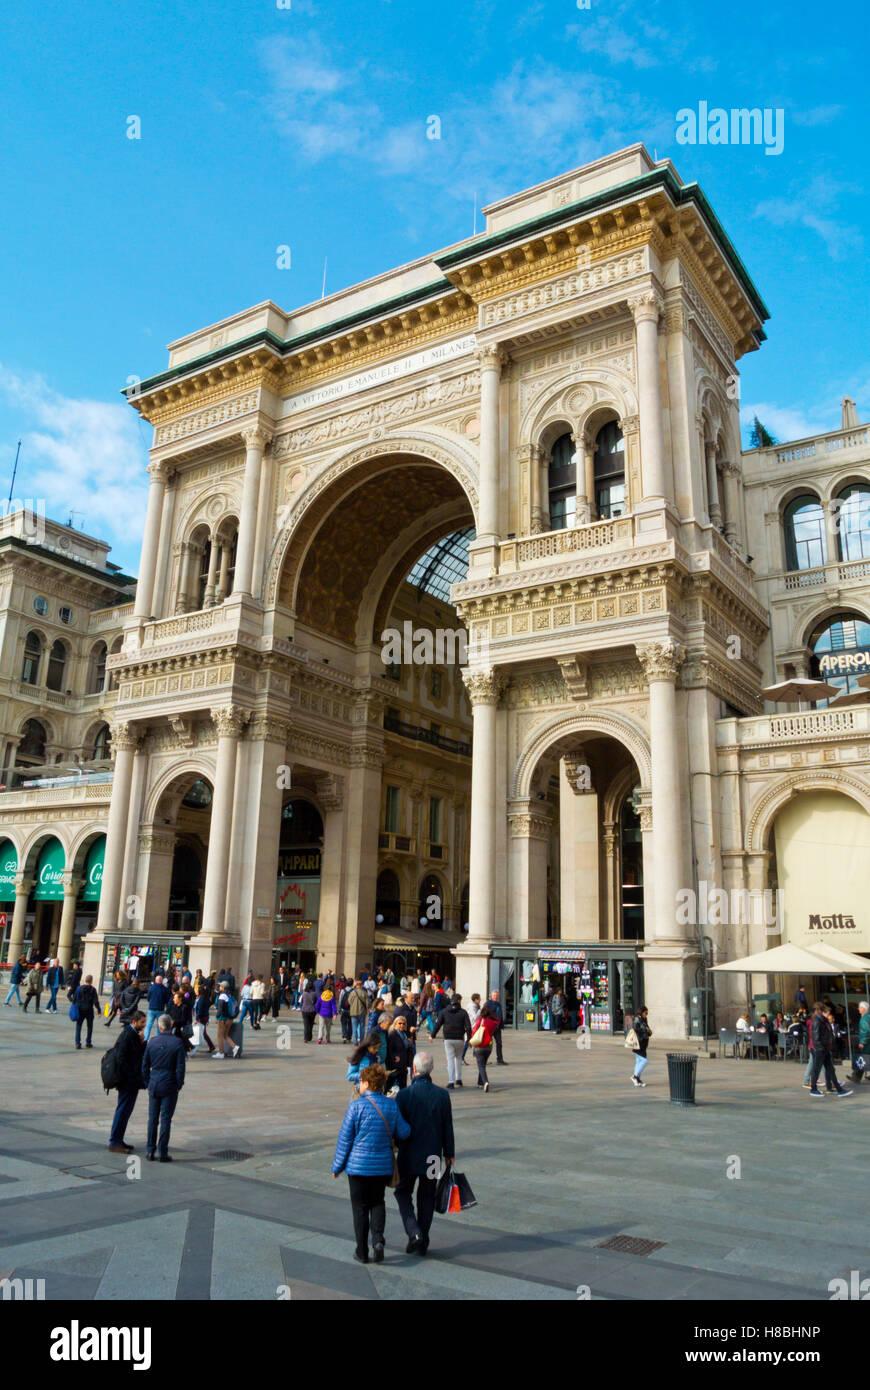 Piazza Del Duomo With Facade Of Galleria Vittorio Emanuele